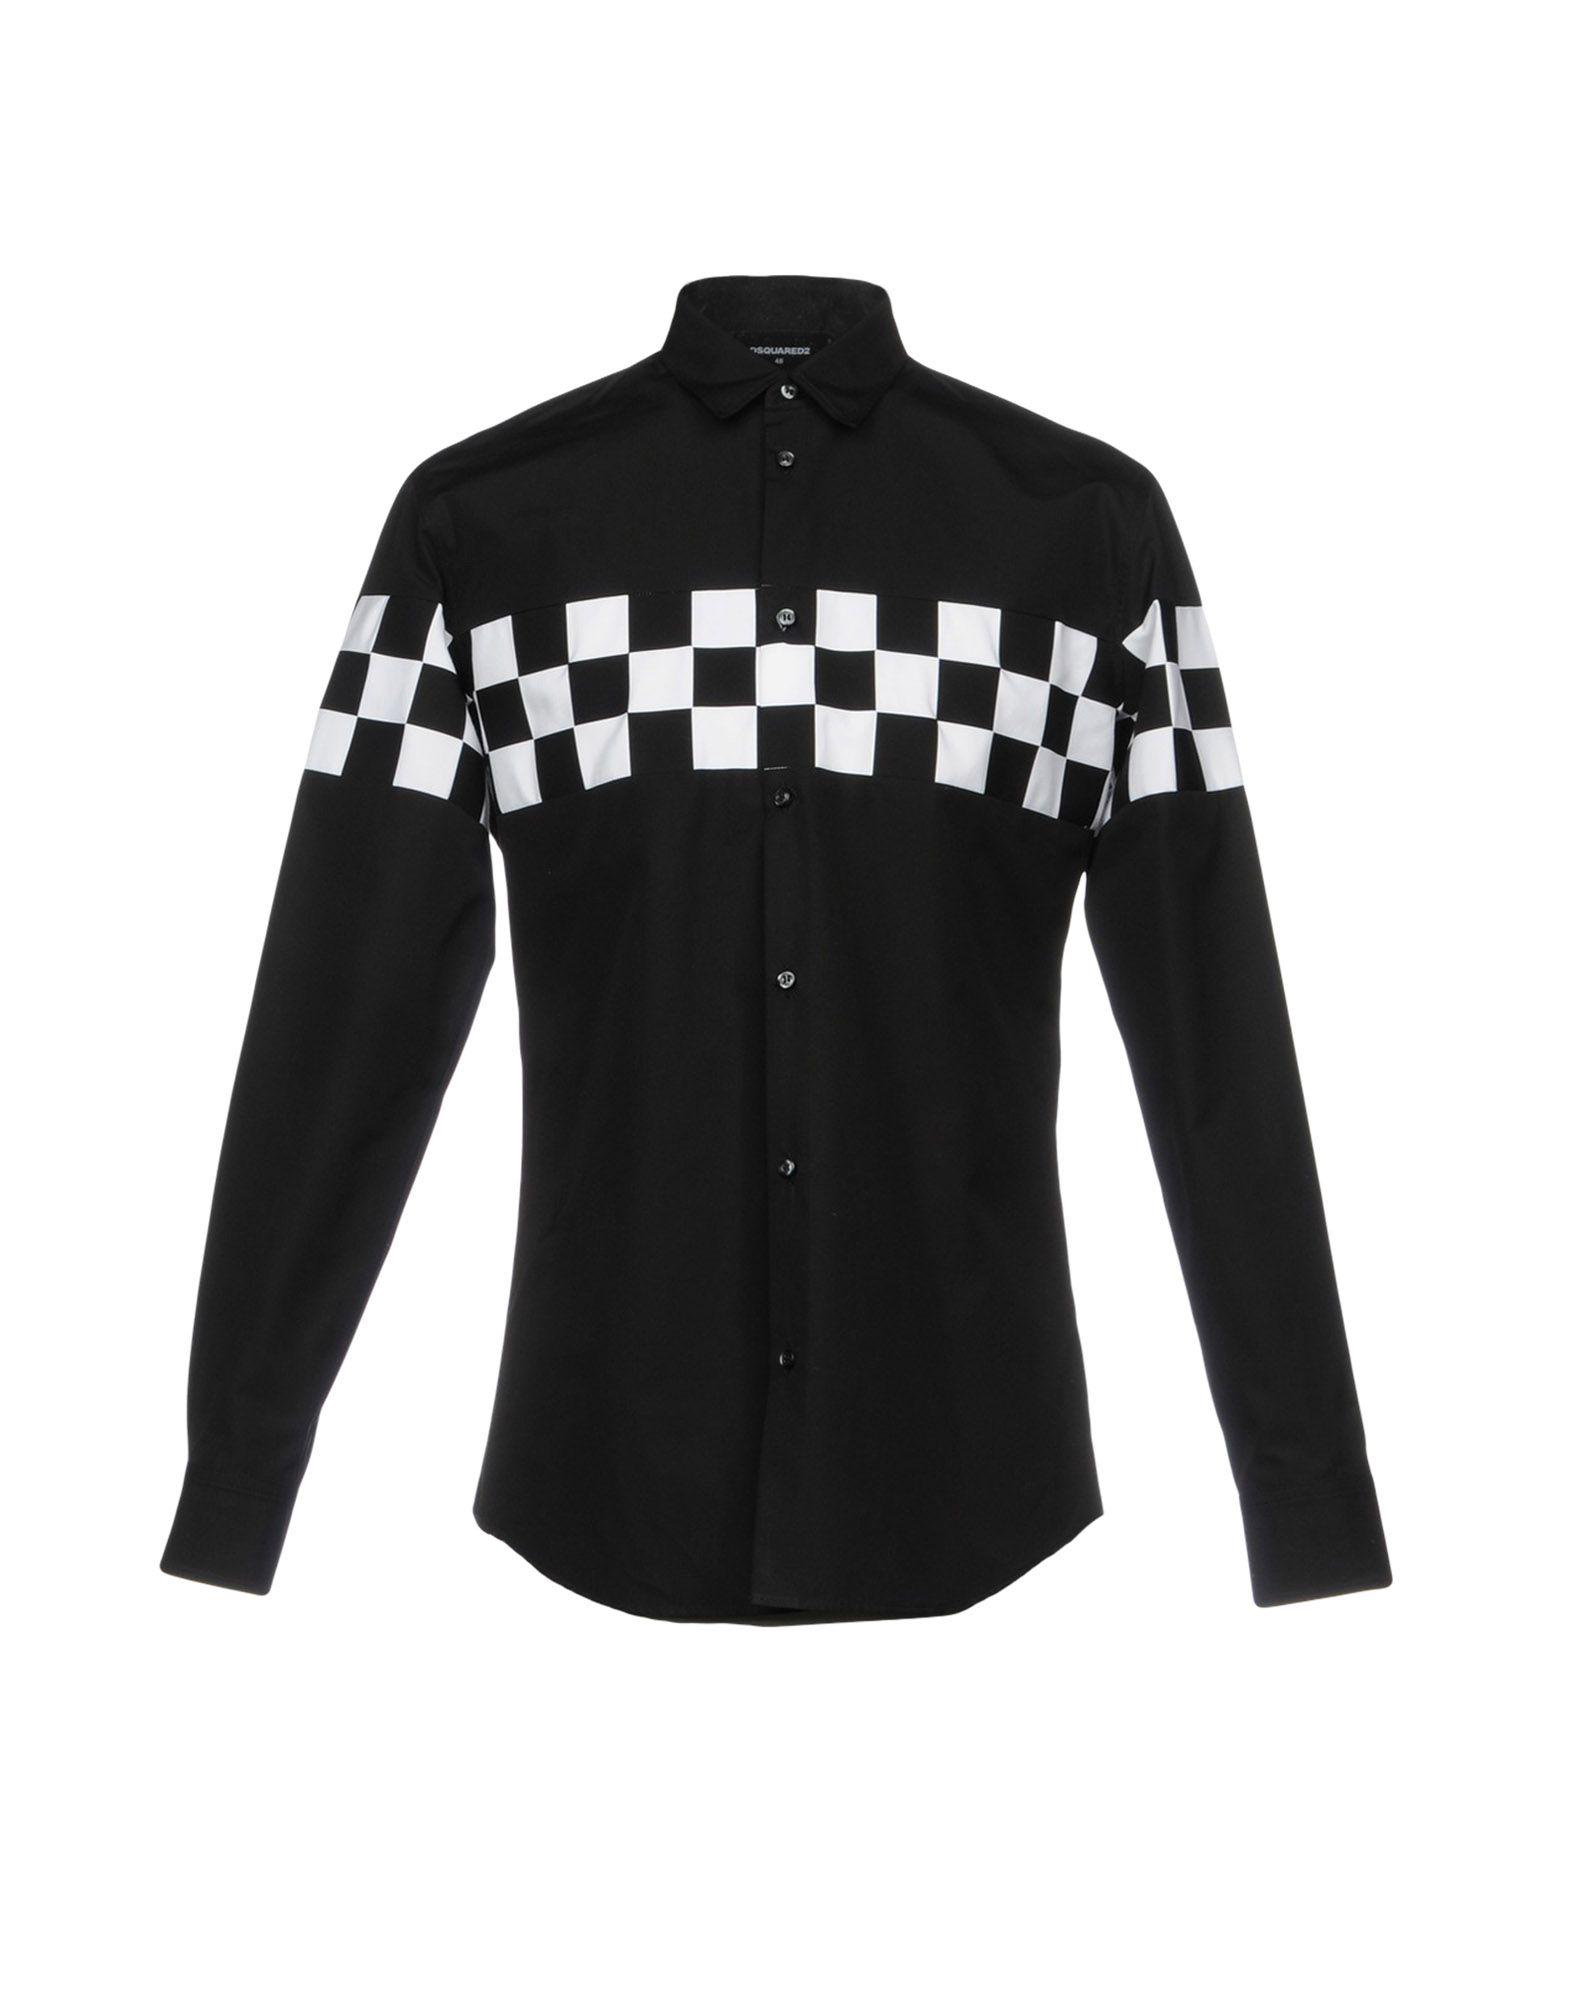 DSQUARED2 Herren Hemd Farbe Schwarz Größe 4 - broschei